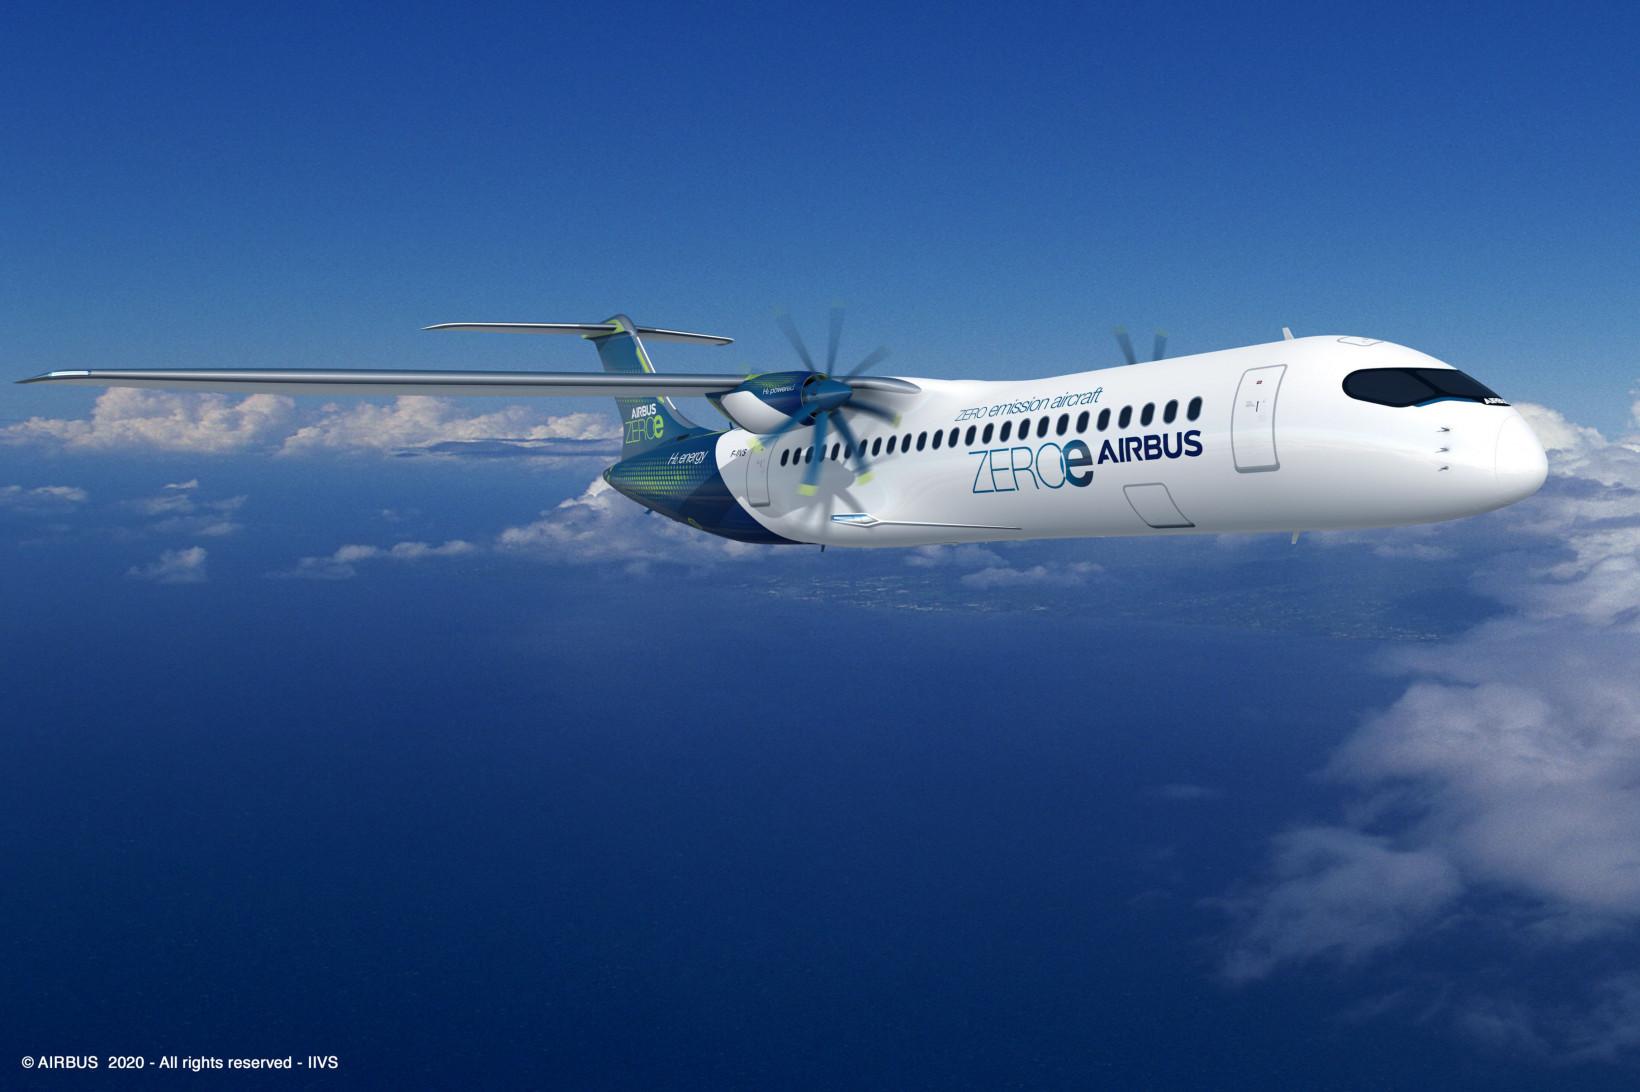 propeller, travel, flight, airbus